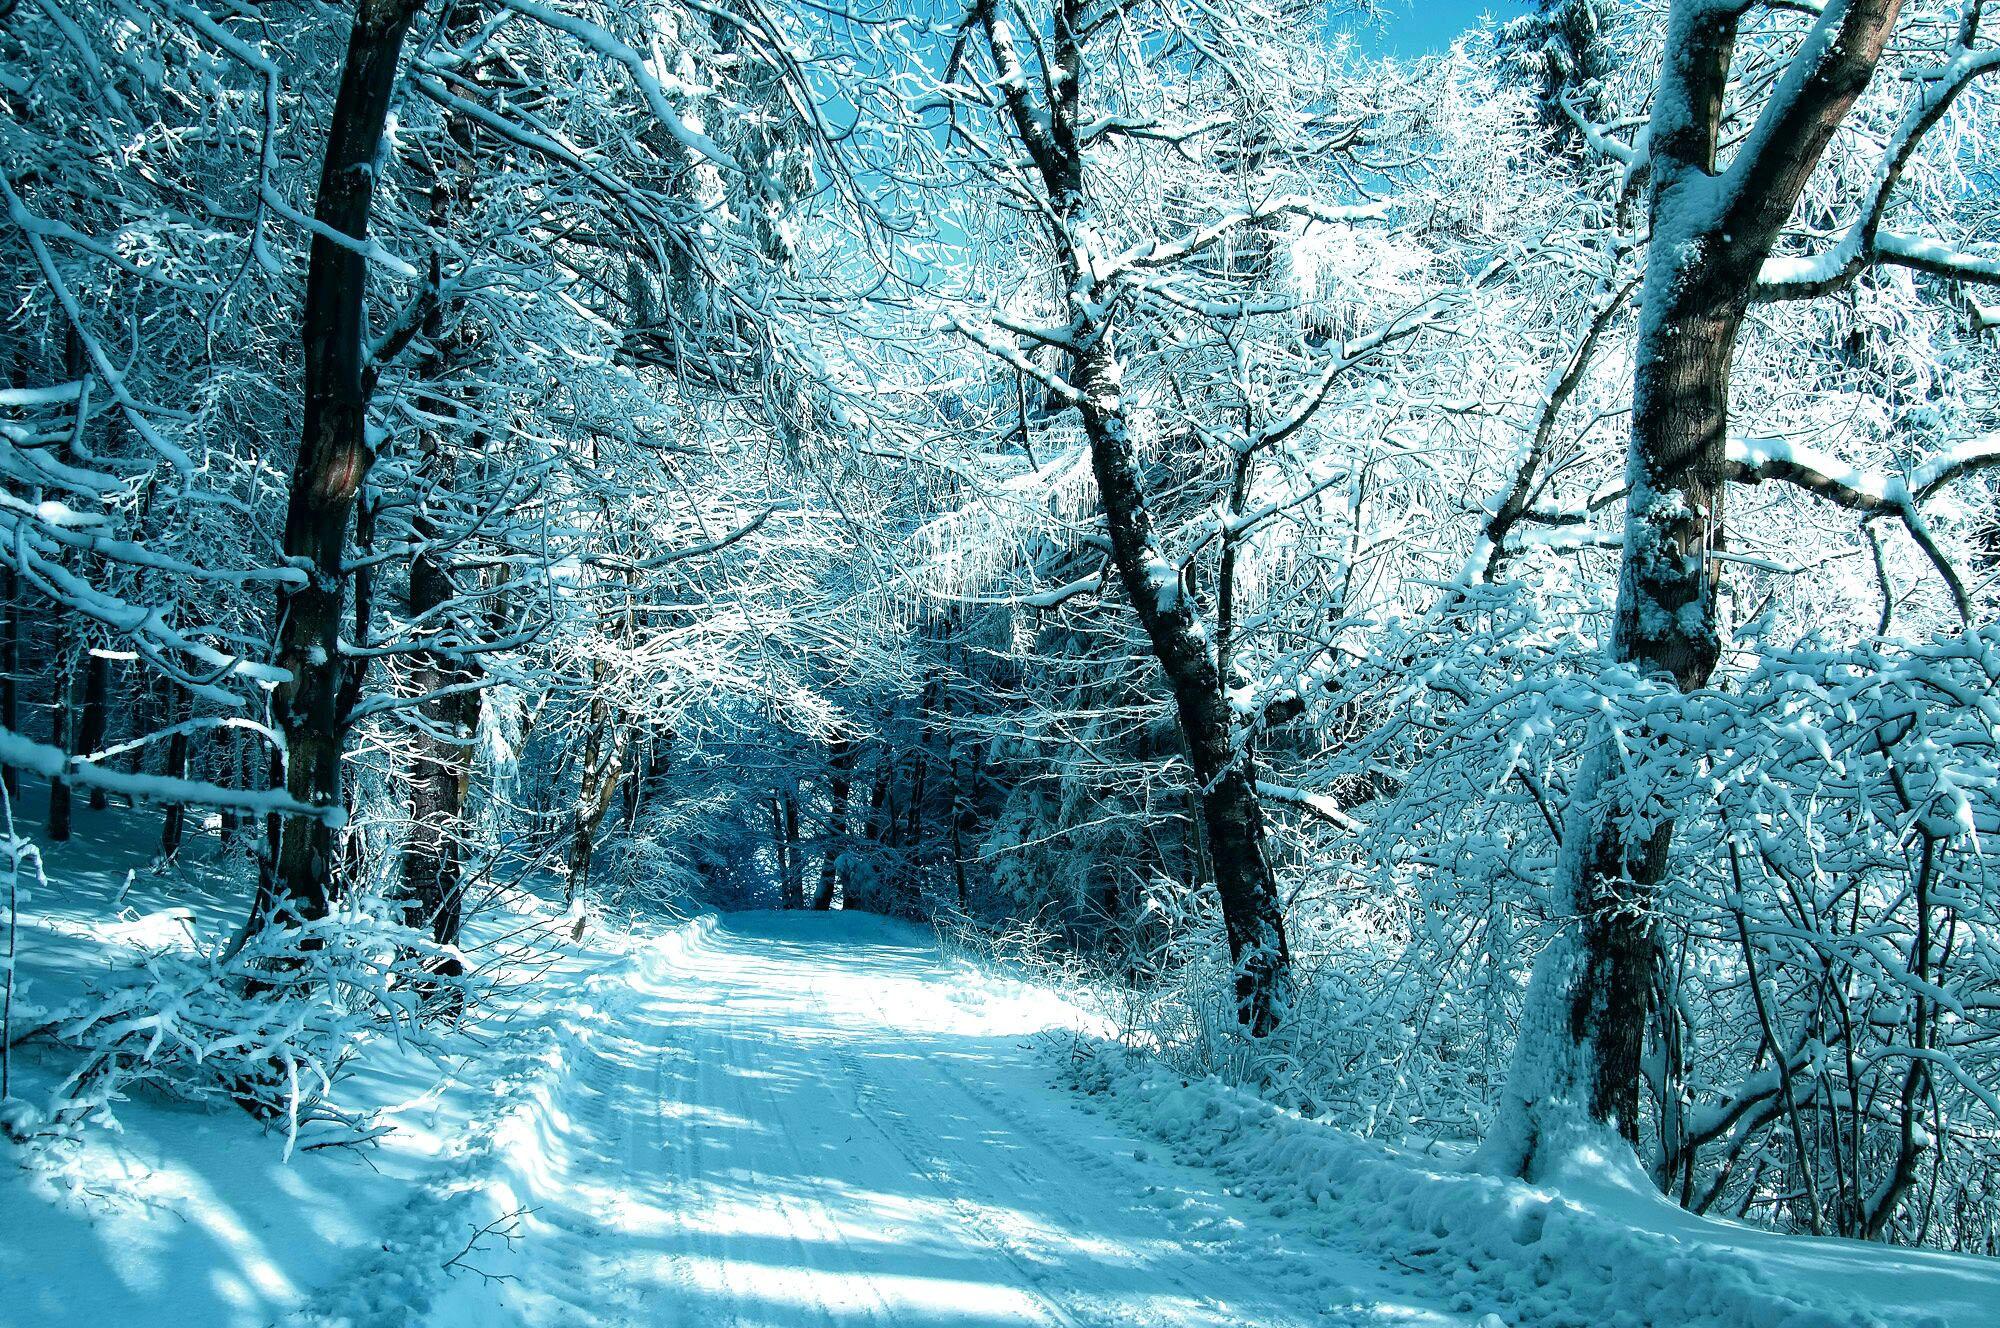 Hình nền cây cối mùa đông